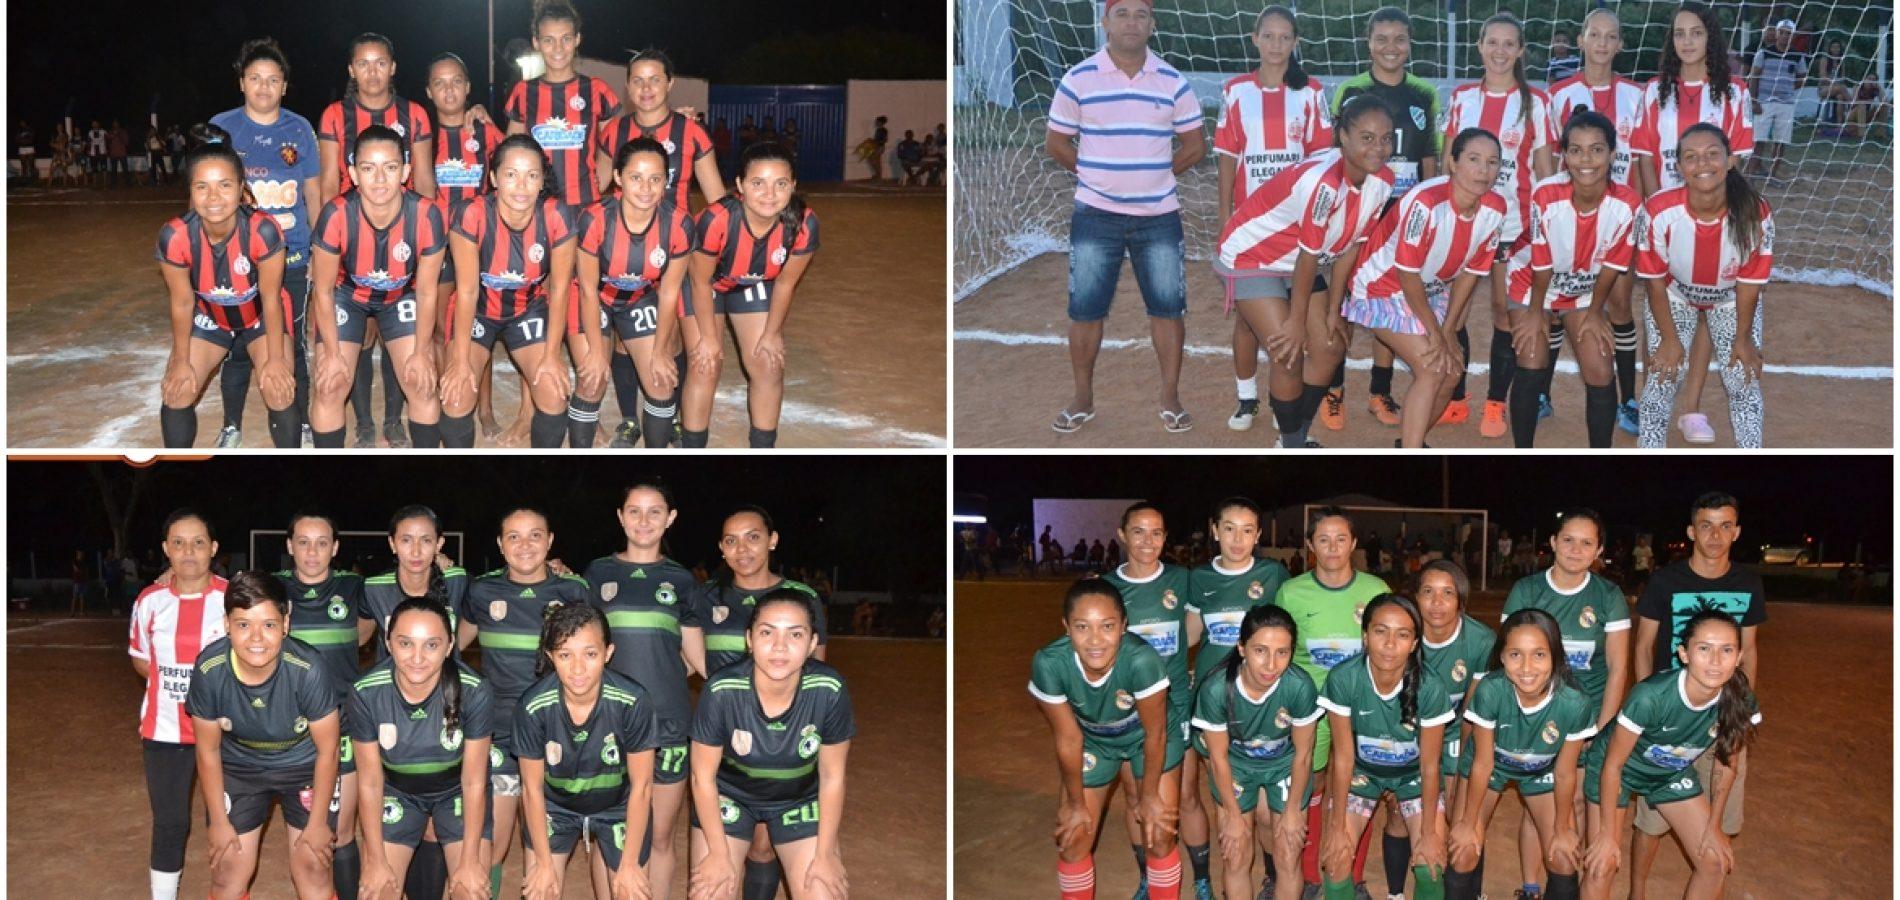 CARIDADE 23 ANOS   Torneio de Futebol Feminino abre programação do aniversário da cidade